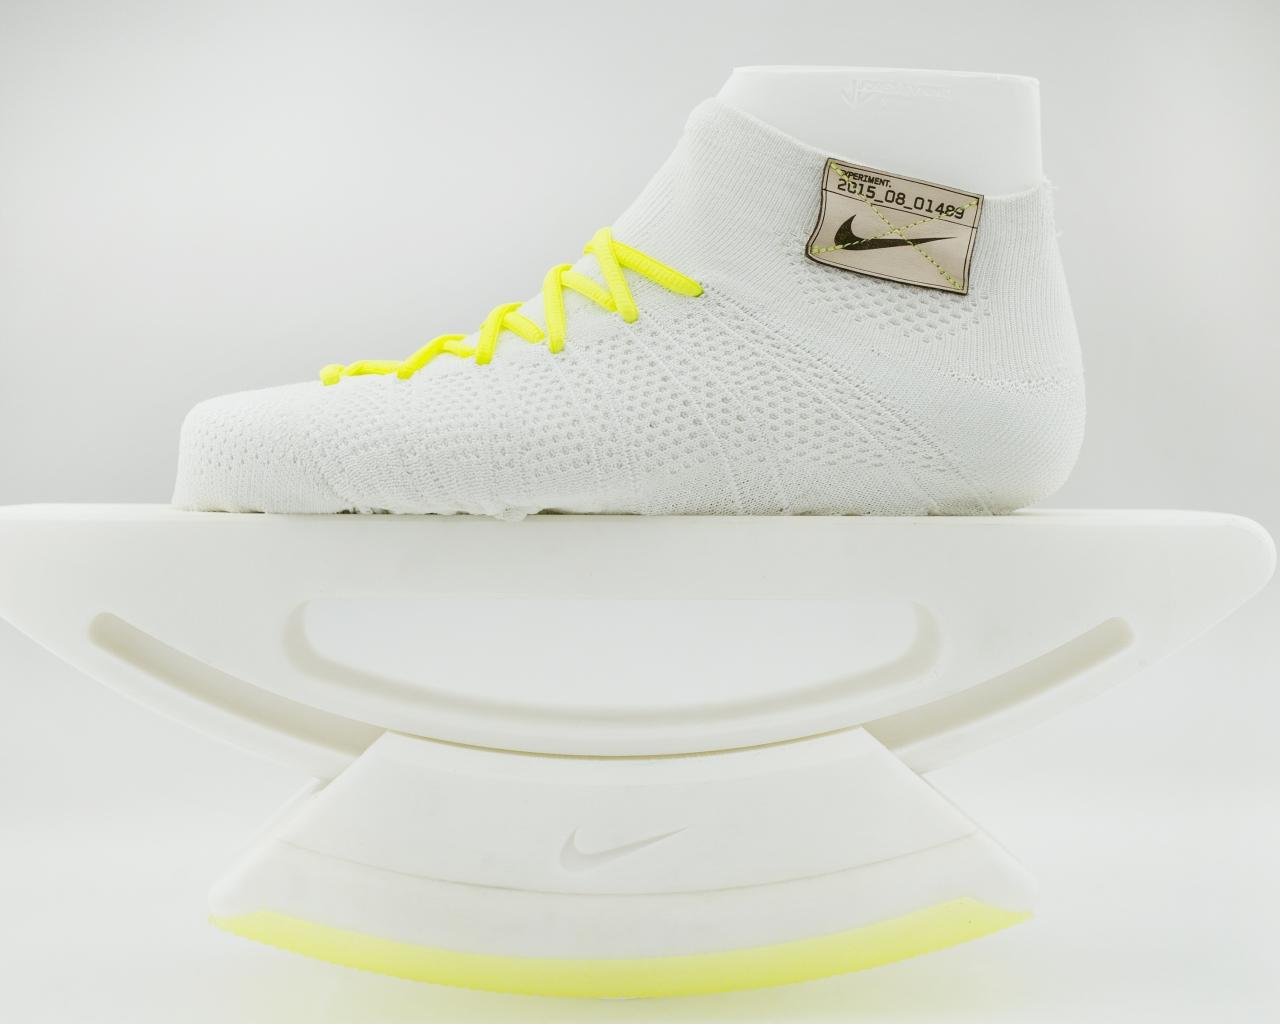 Nike Lab Natural Motion salone milan 2016 (1)